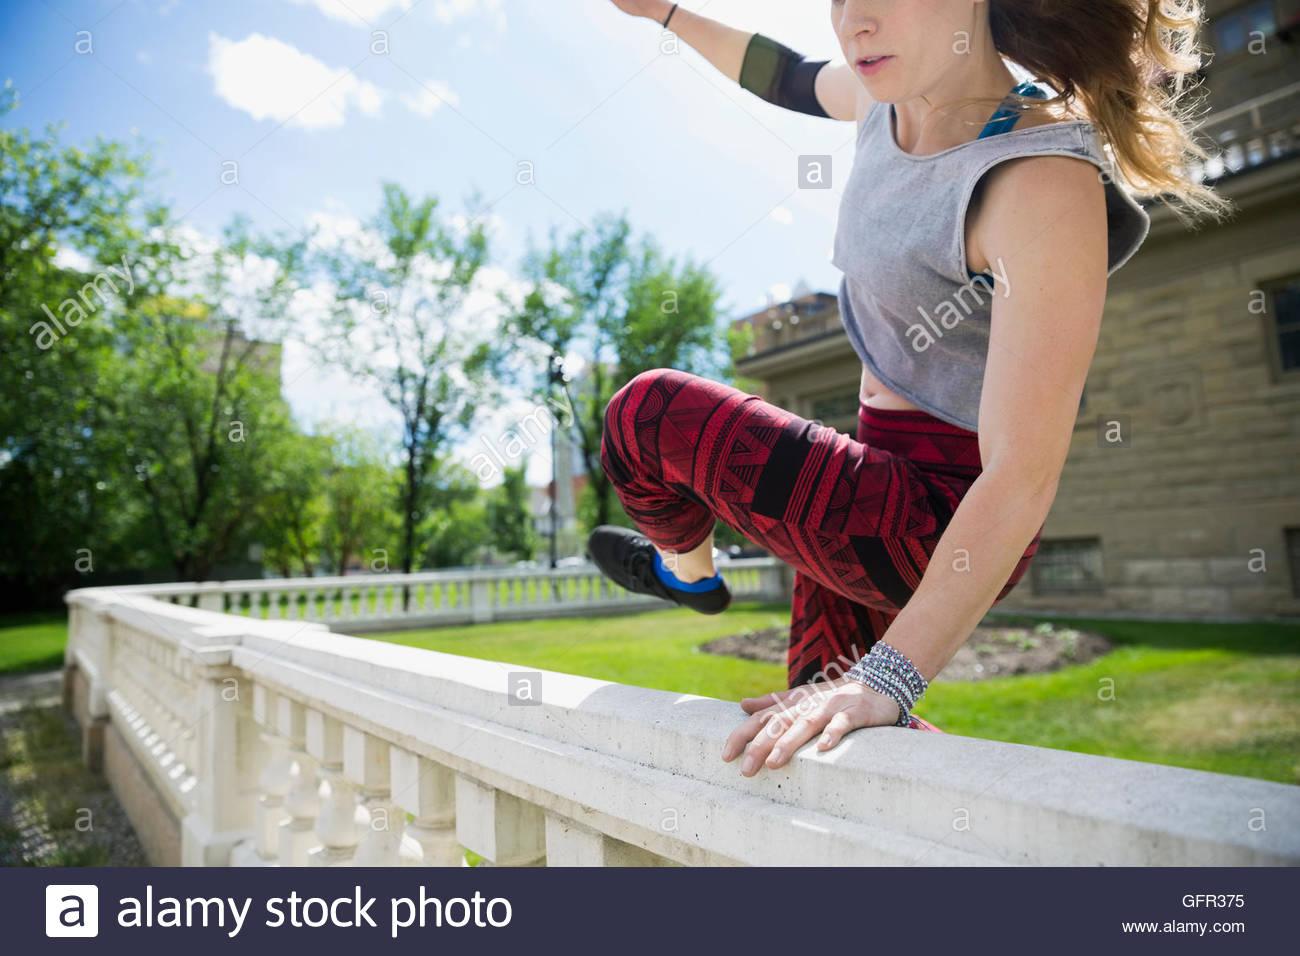 Mujer joven haciendo parkour saltar por encima de la baranda Imagen De Stock